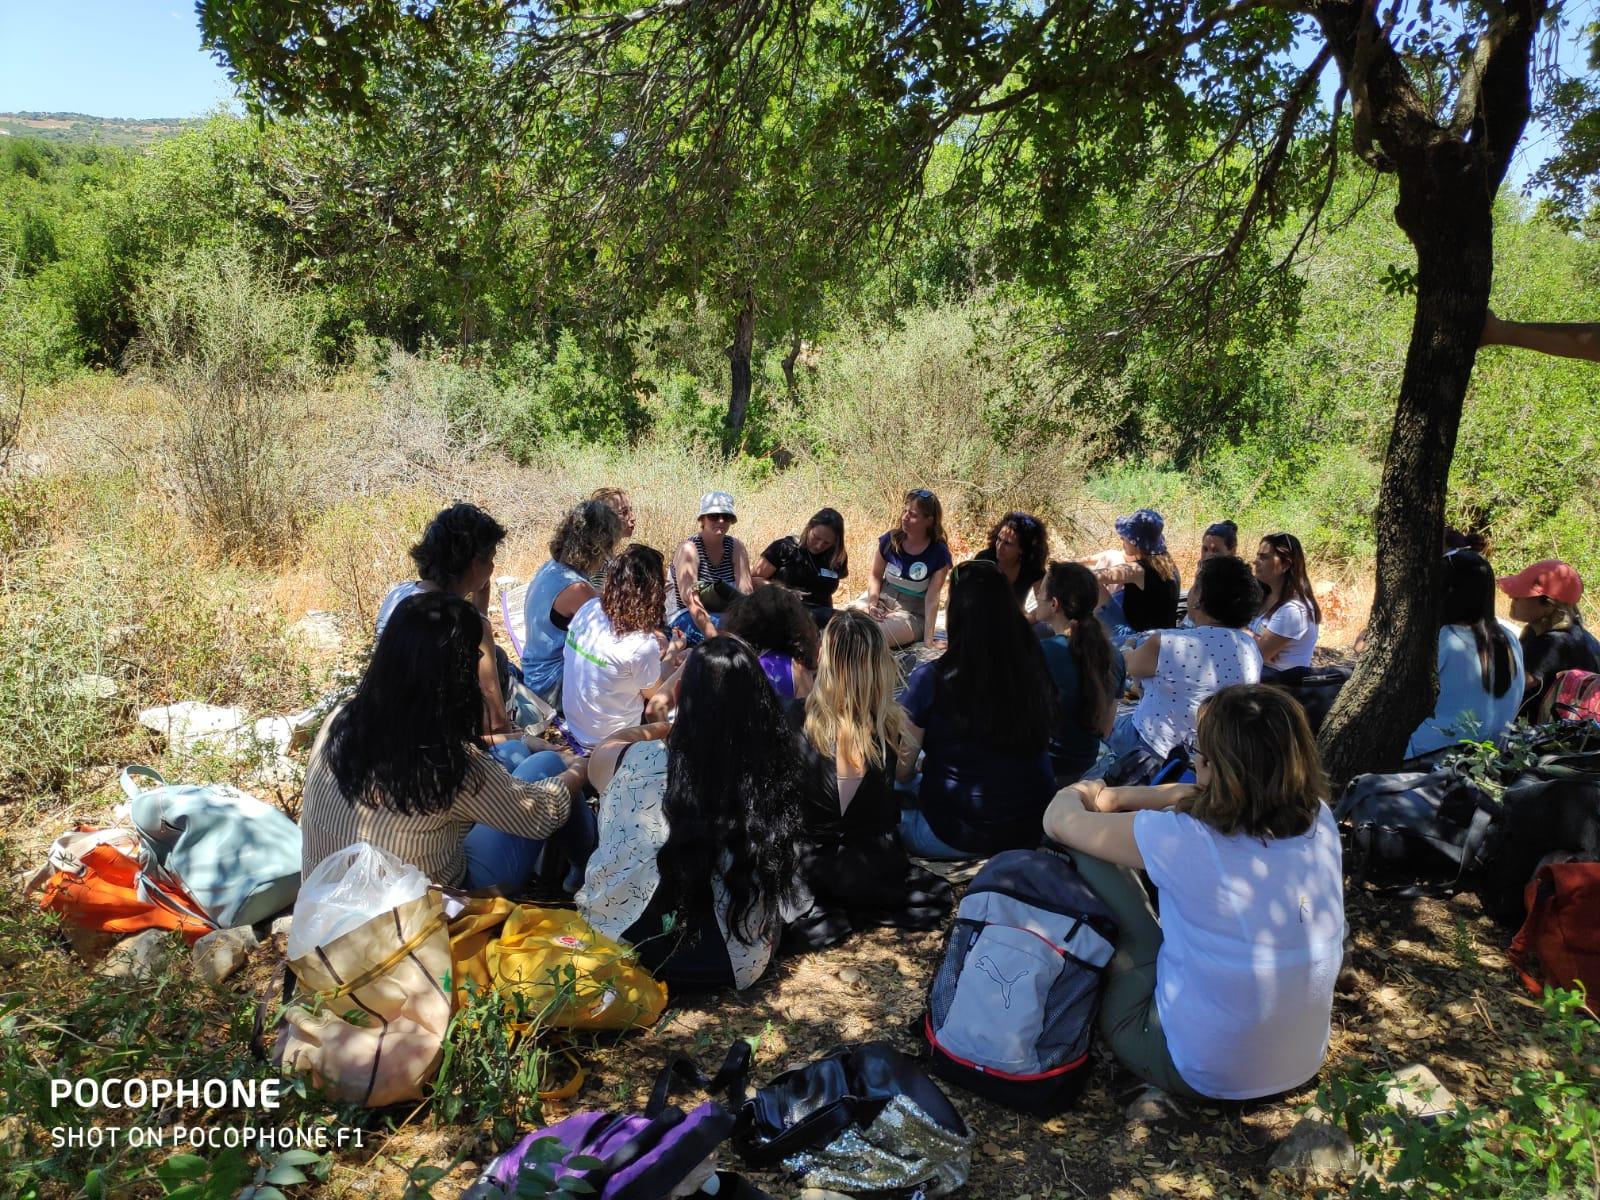 הרשת הירוקה: תלמידים יושבים במעגל ביער